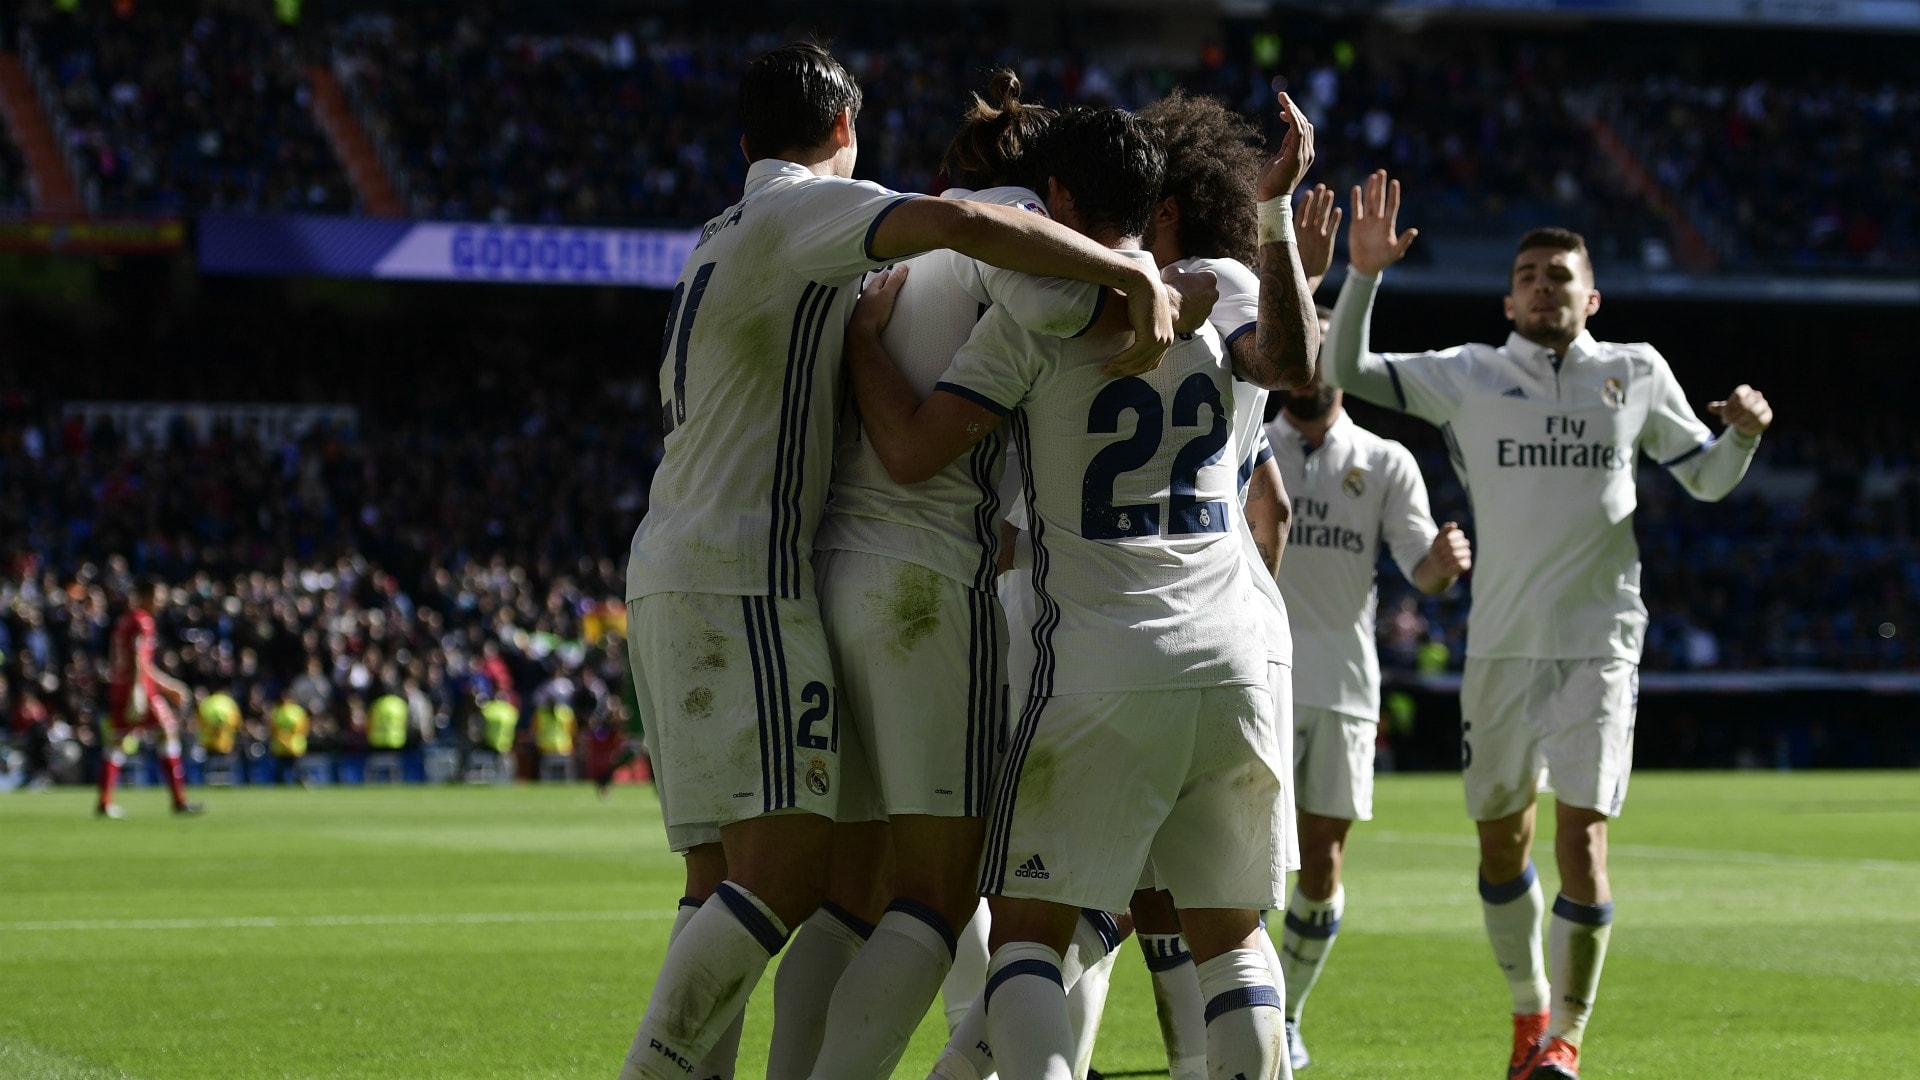 PREVIEW: REAL MADRID vs LEGANÉS 24.01.2018